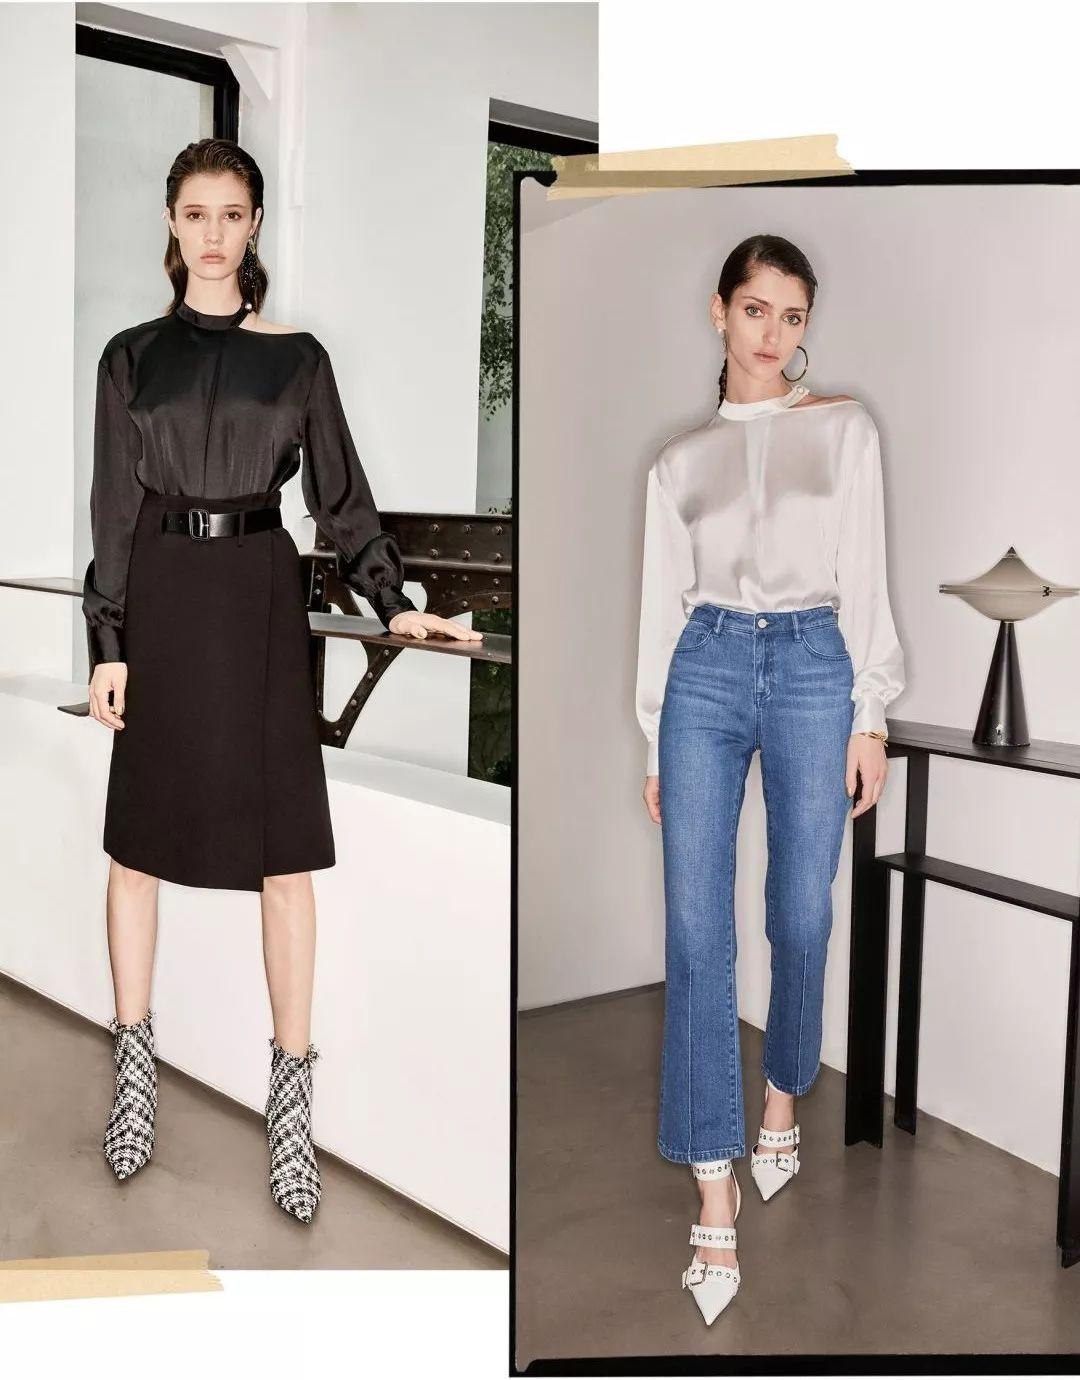 白衬衫搭配突显腰线设计的西装长裤,slogan腰头或束腰宽腰带自带时髦图片